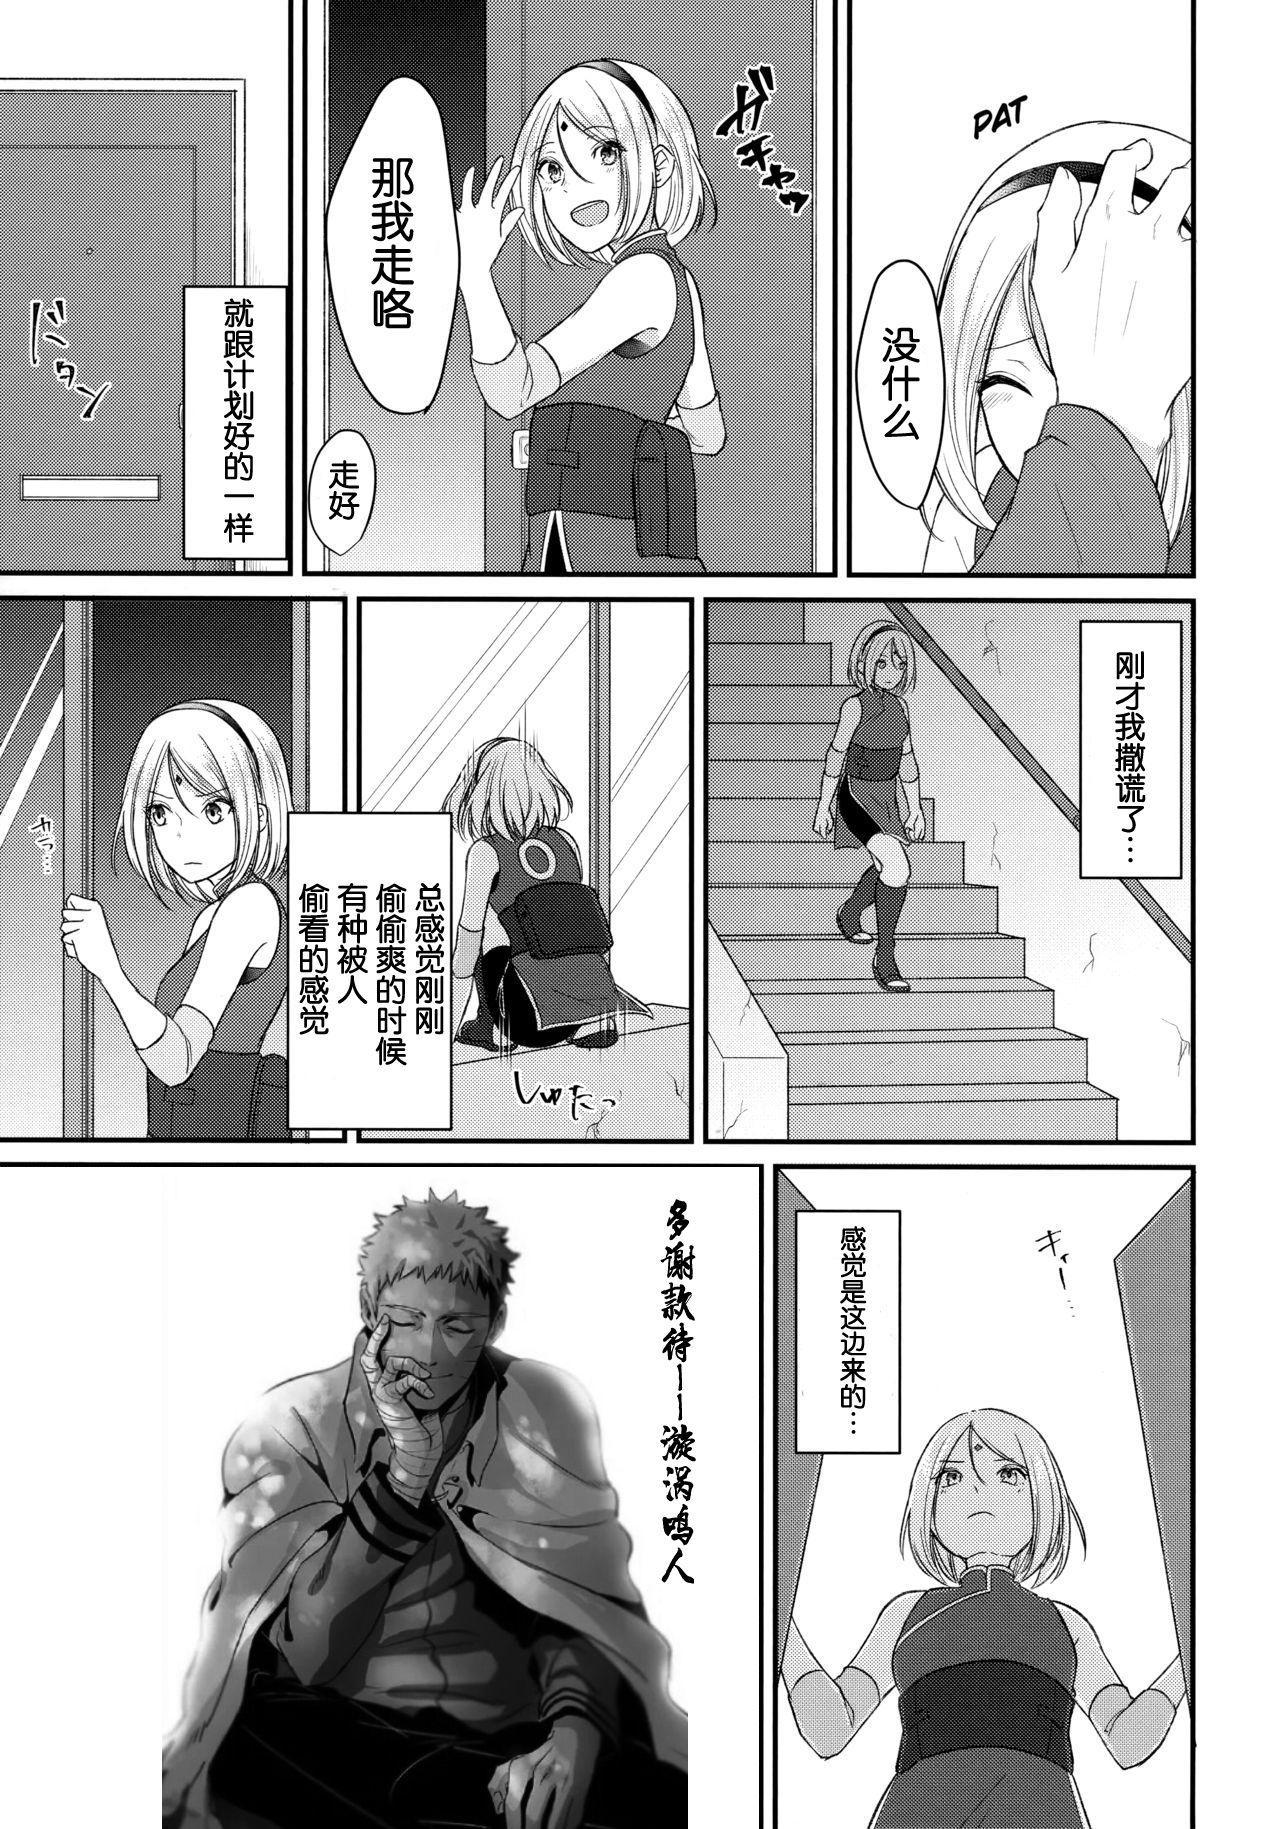 Koukishin wa Neko o Korosu 38